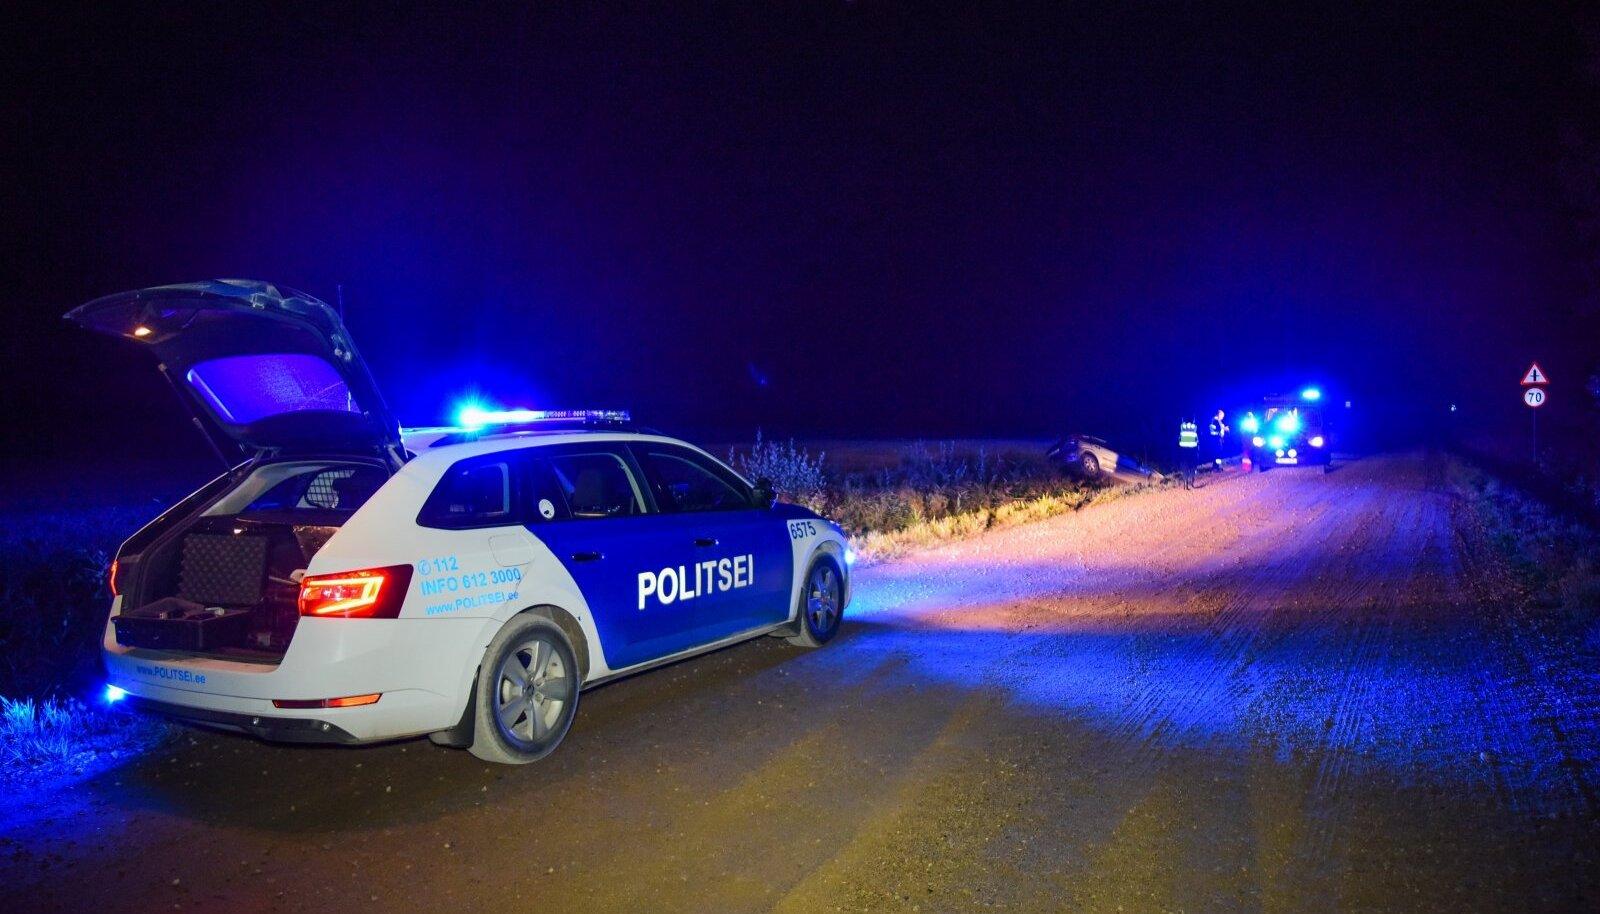 Pühapäeval juhtus Eestis kaks inimkannatanuga liiklusõnnetust (foto on illustratiivne).